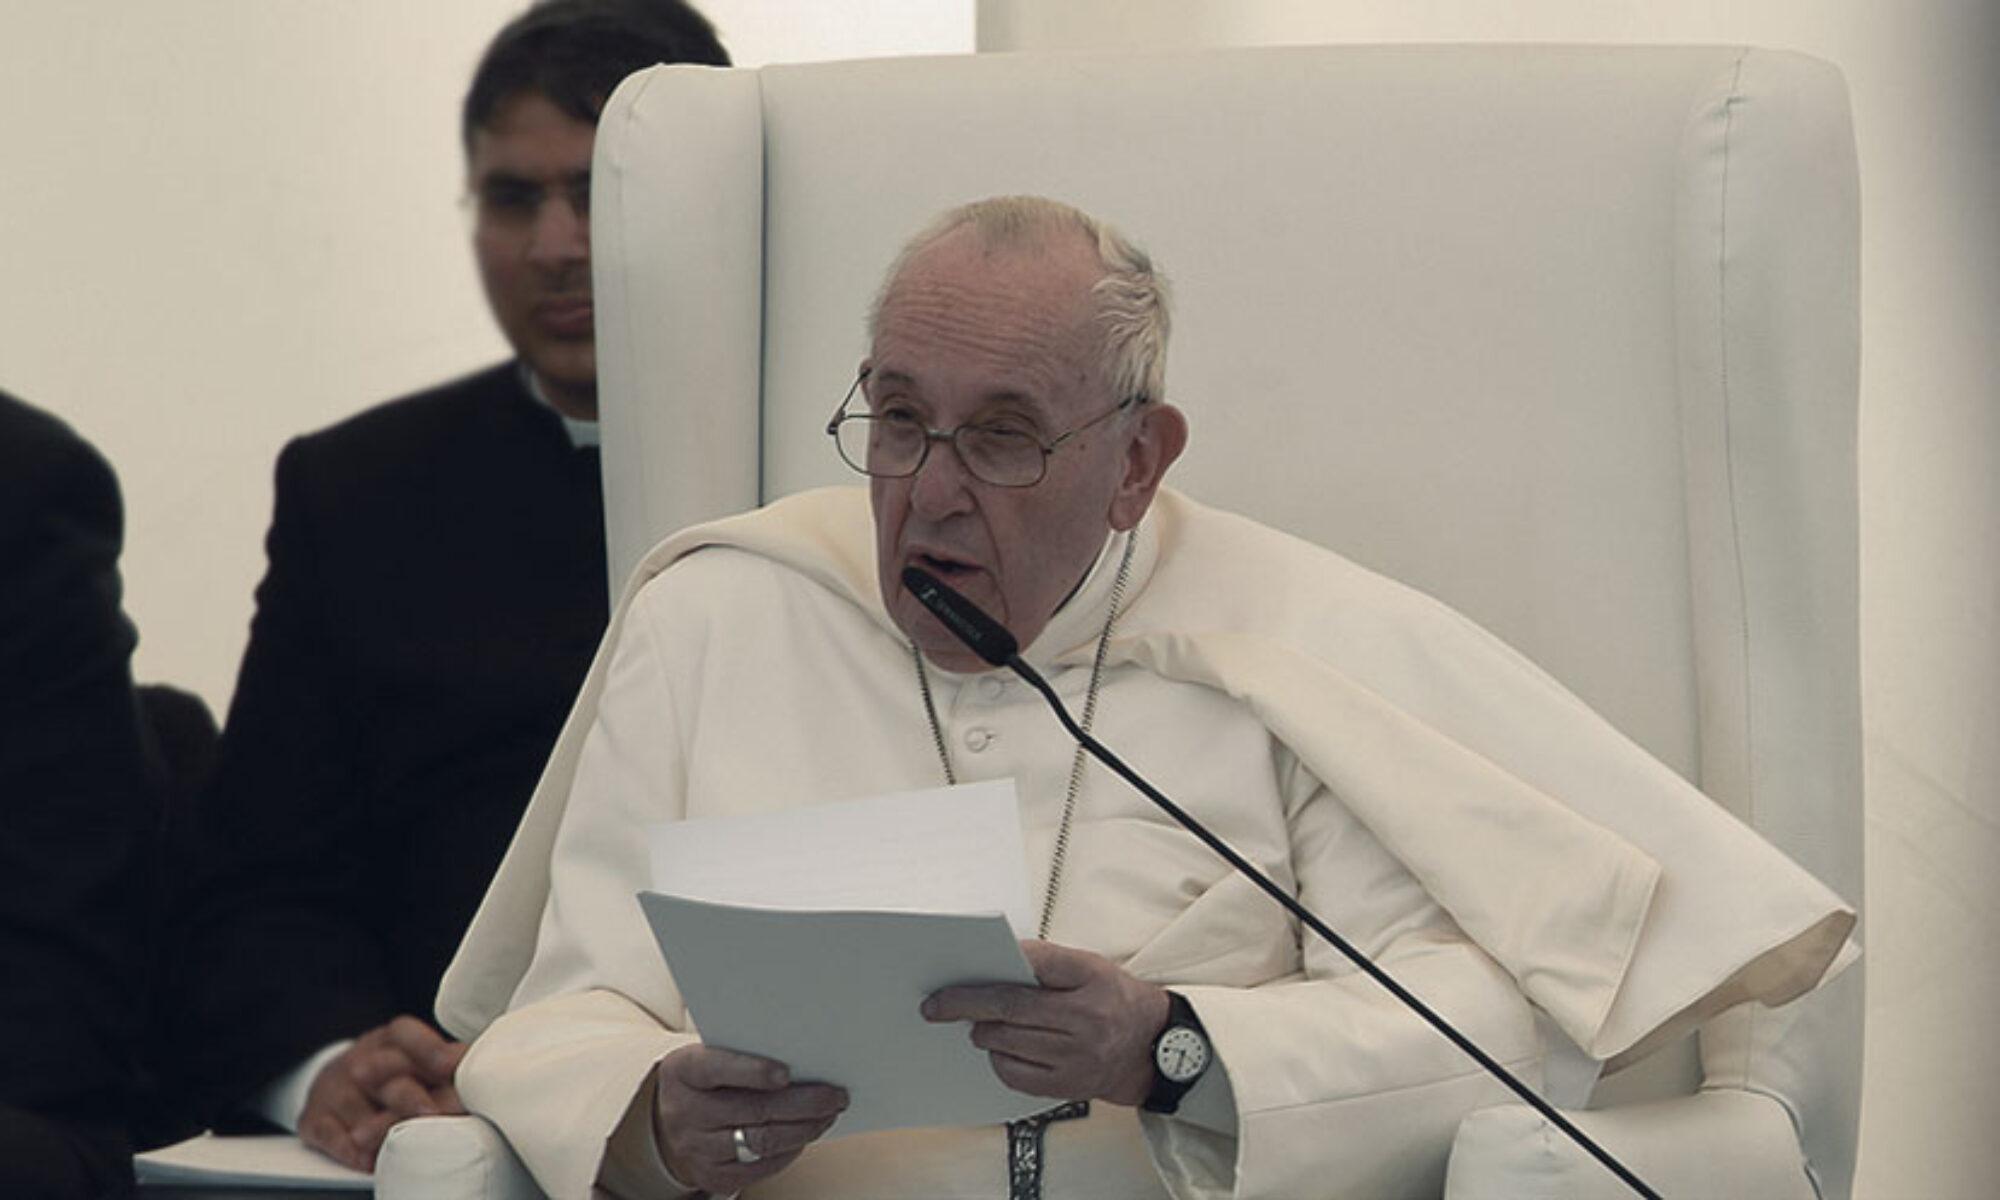 پاپا: ئەم نەڤیێن ئیبراھیمن و دڤێ ئەم براتییا خوە ژبیر نەکن